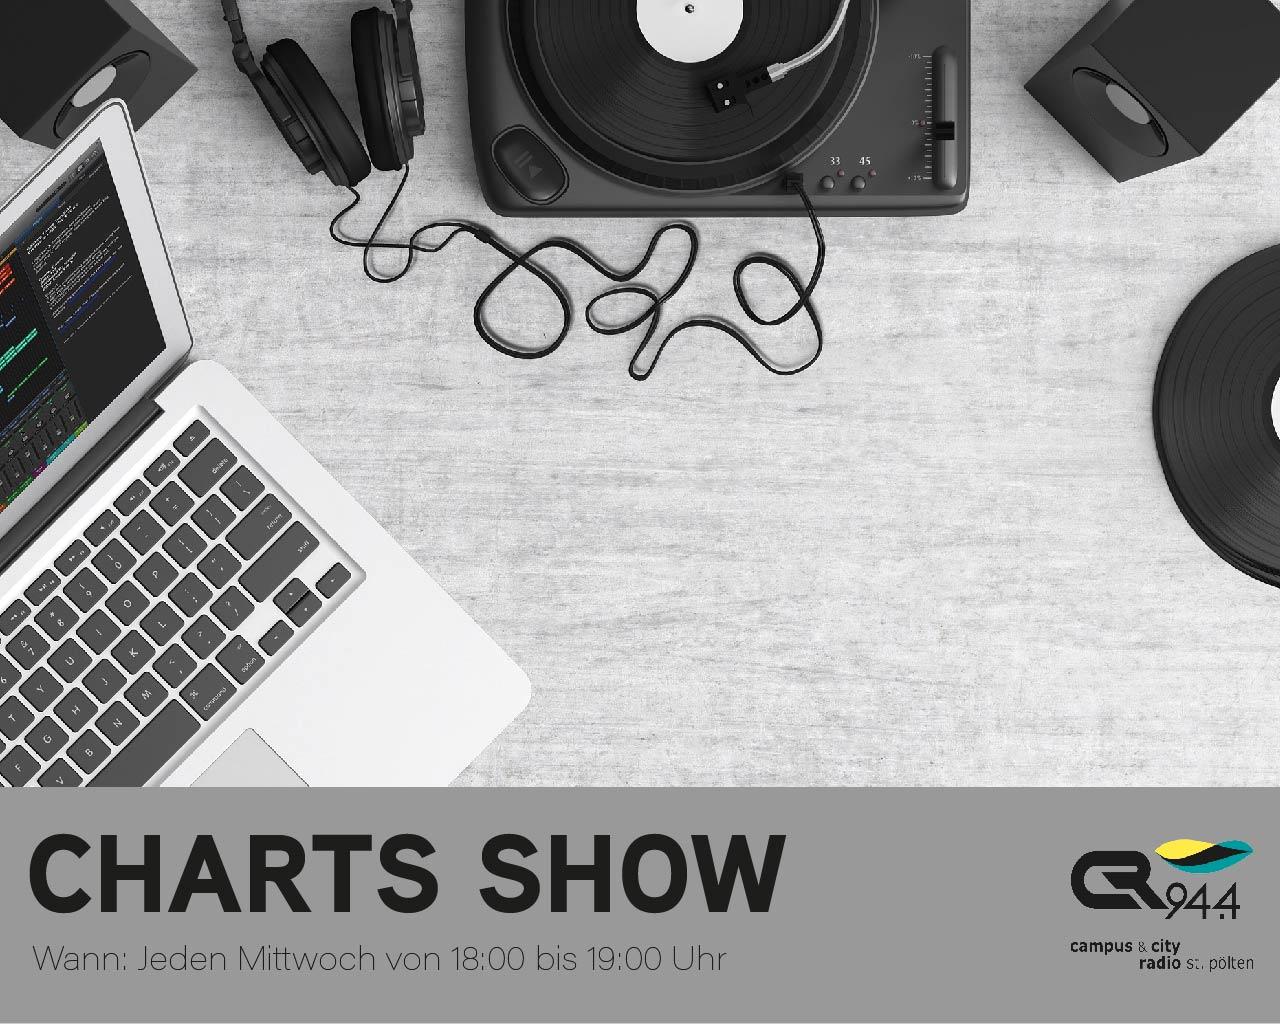 Charts 11.11.2020